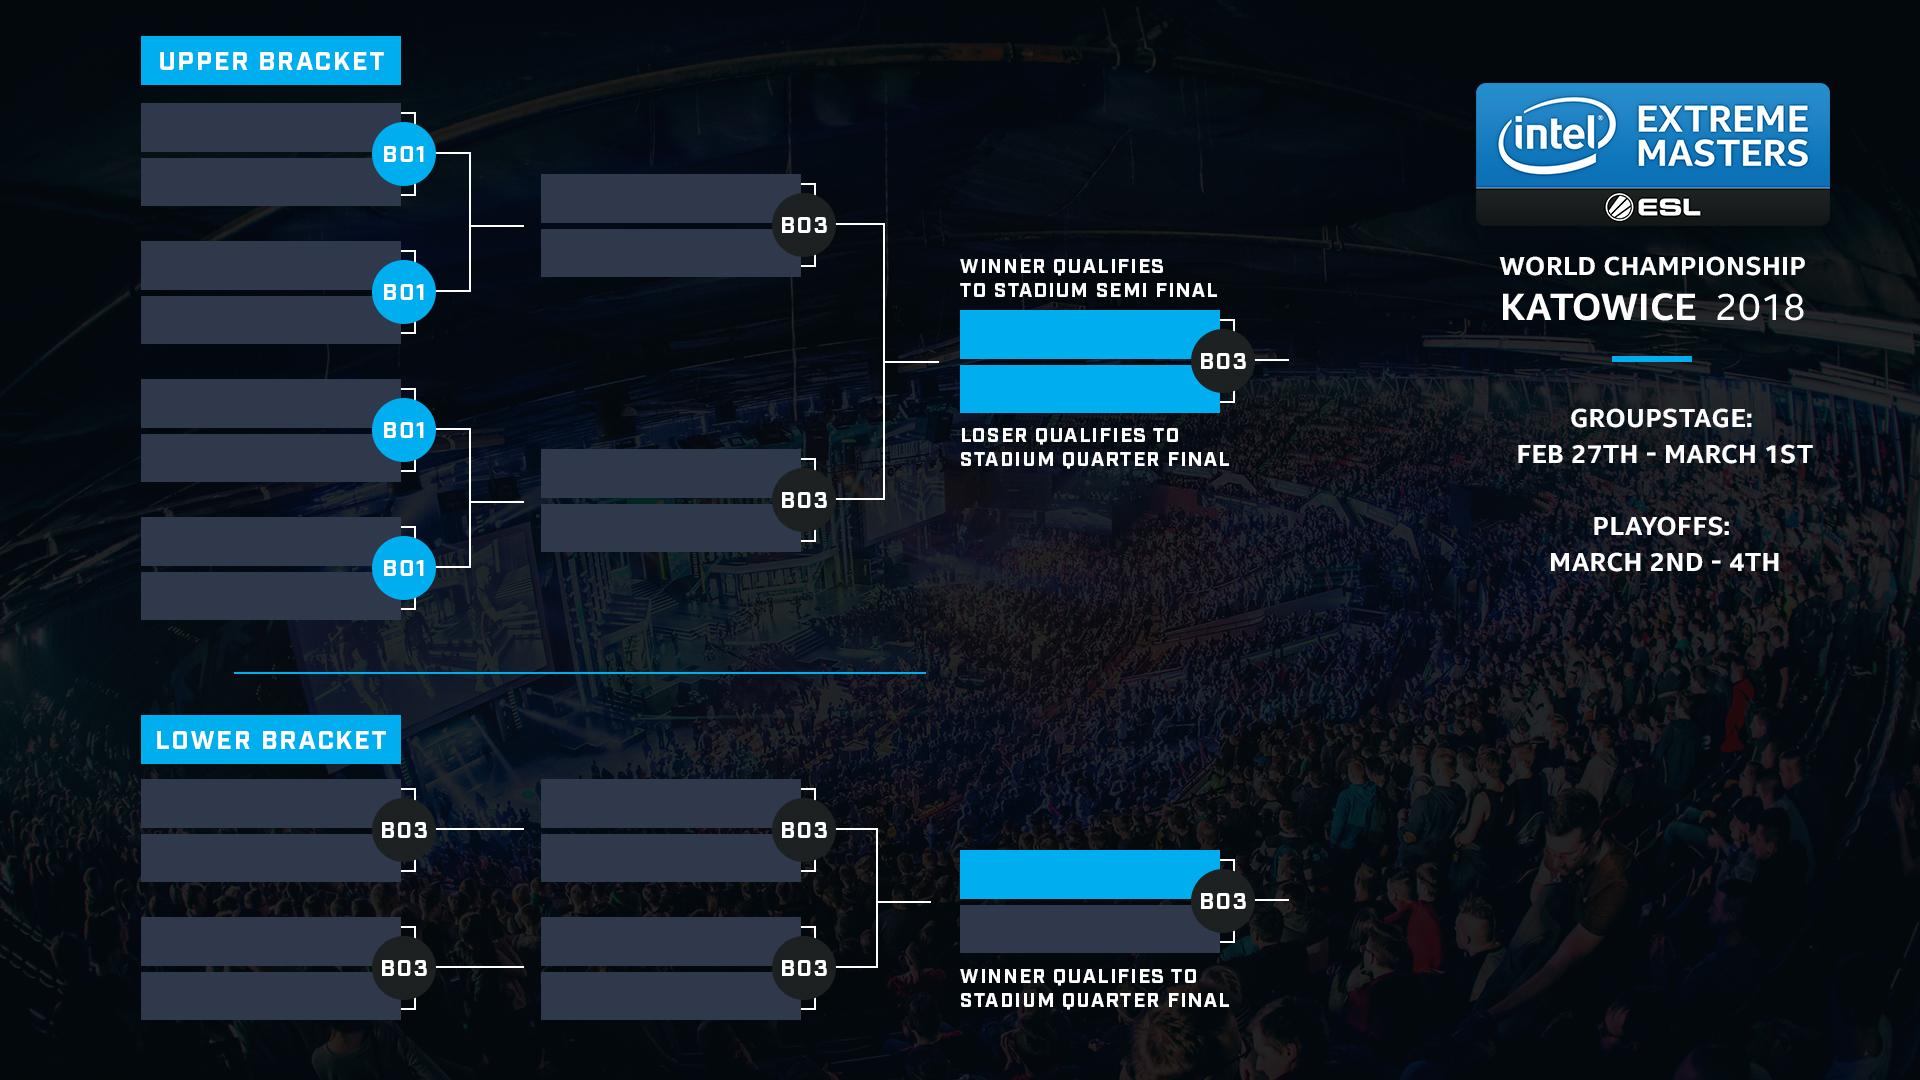 IEMKatowice18_TournamentFormat18_1920x1080_Groupstage